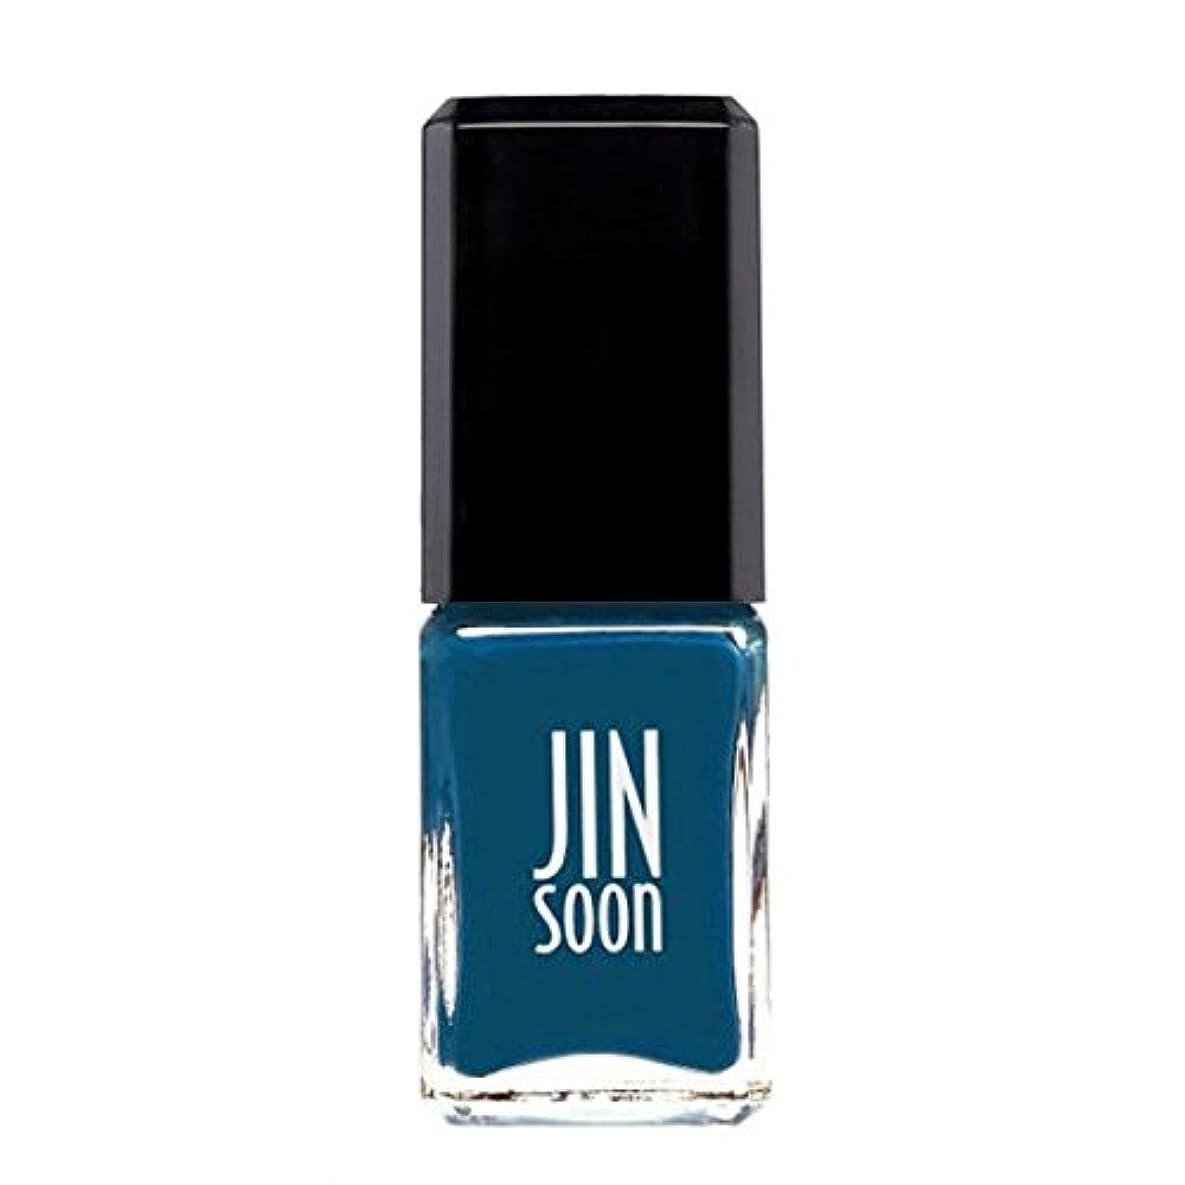 一致する魔女ゲート[ジンスーン] [ jinsoon] ボウ(ティールブルー) BEAU ジンスーン 5フリー ネイルポリッシュ ネイルカラー系統:ティールブルー teal blue 11mL